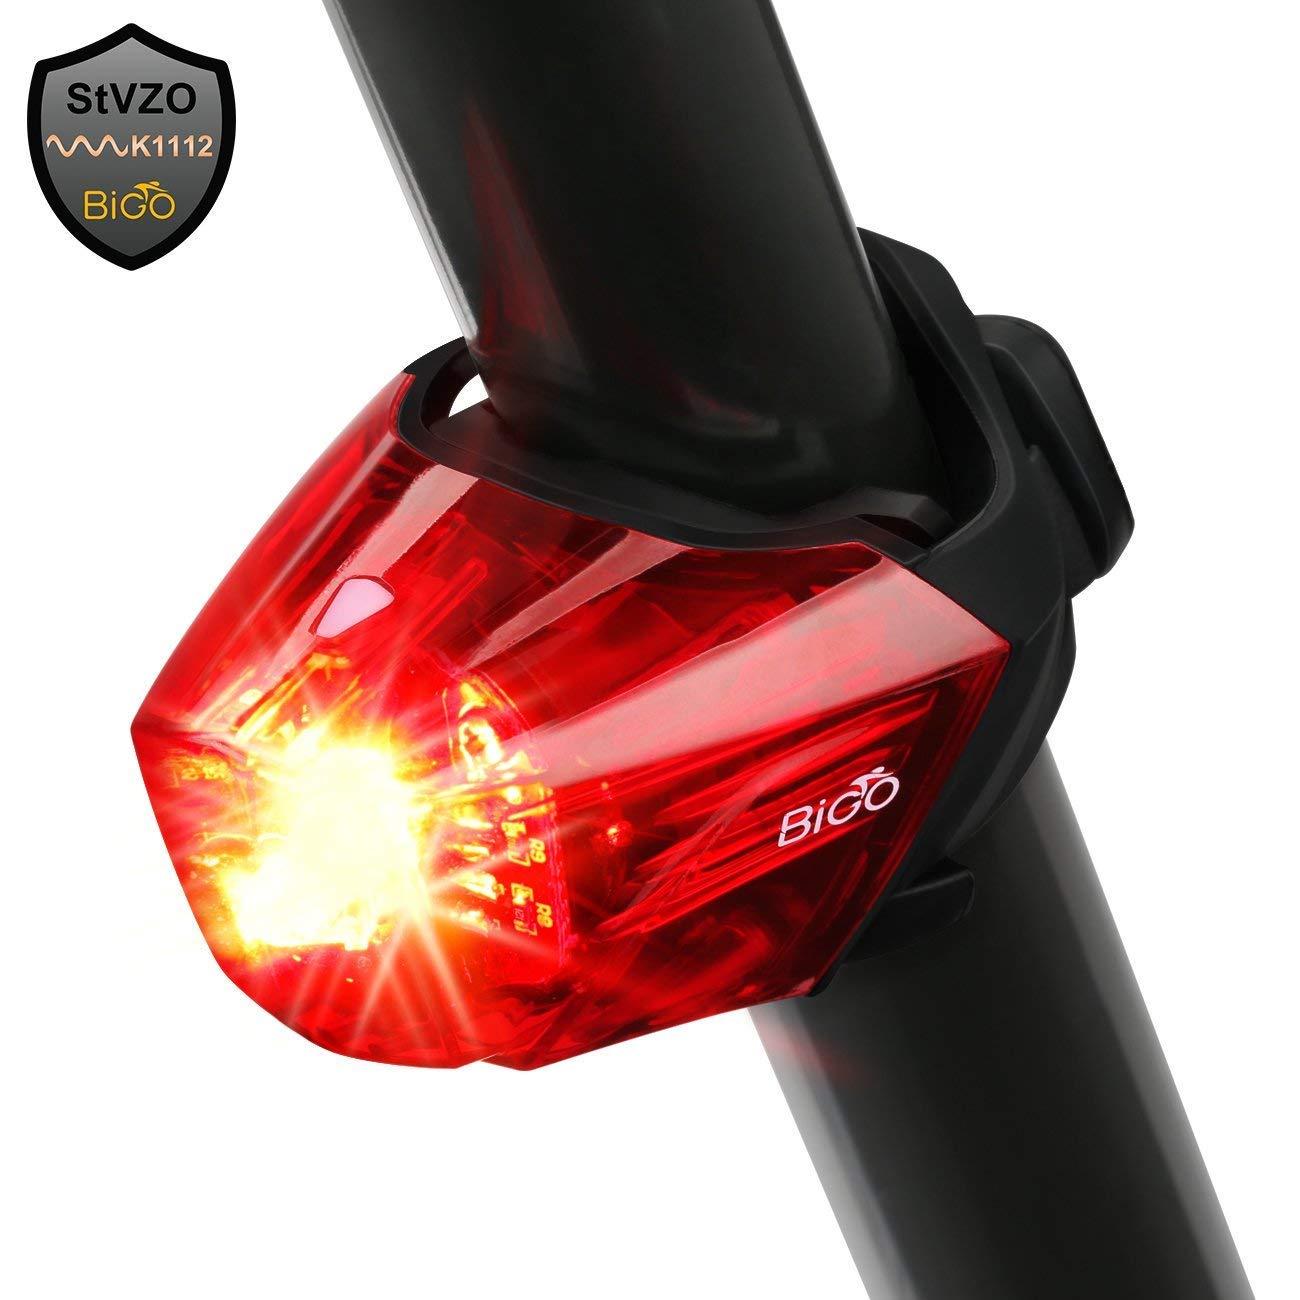 USB Rechargeable Bike Tail Light Fivanus Sport LED Rear Bike Light Ultra Bright